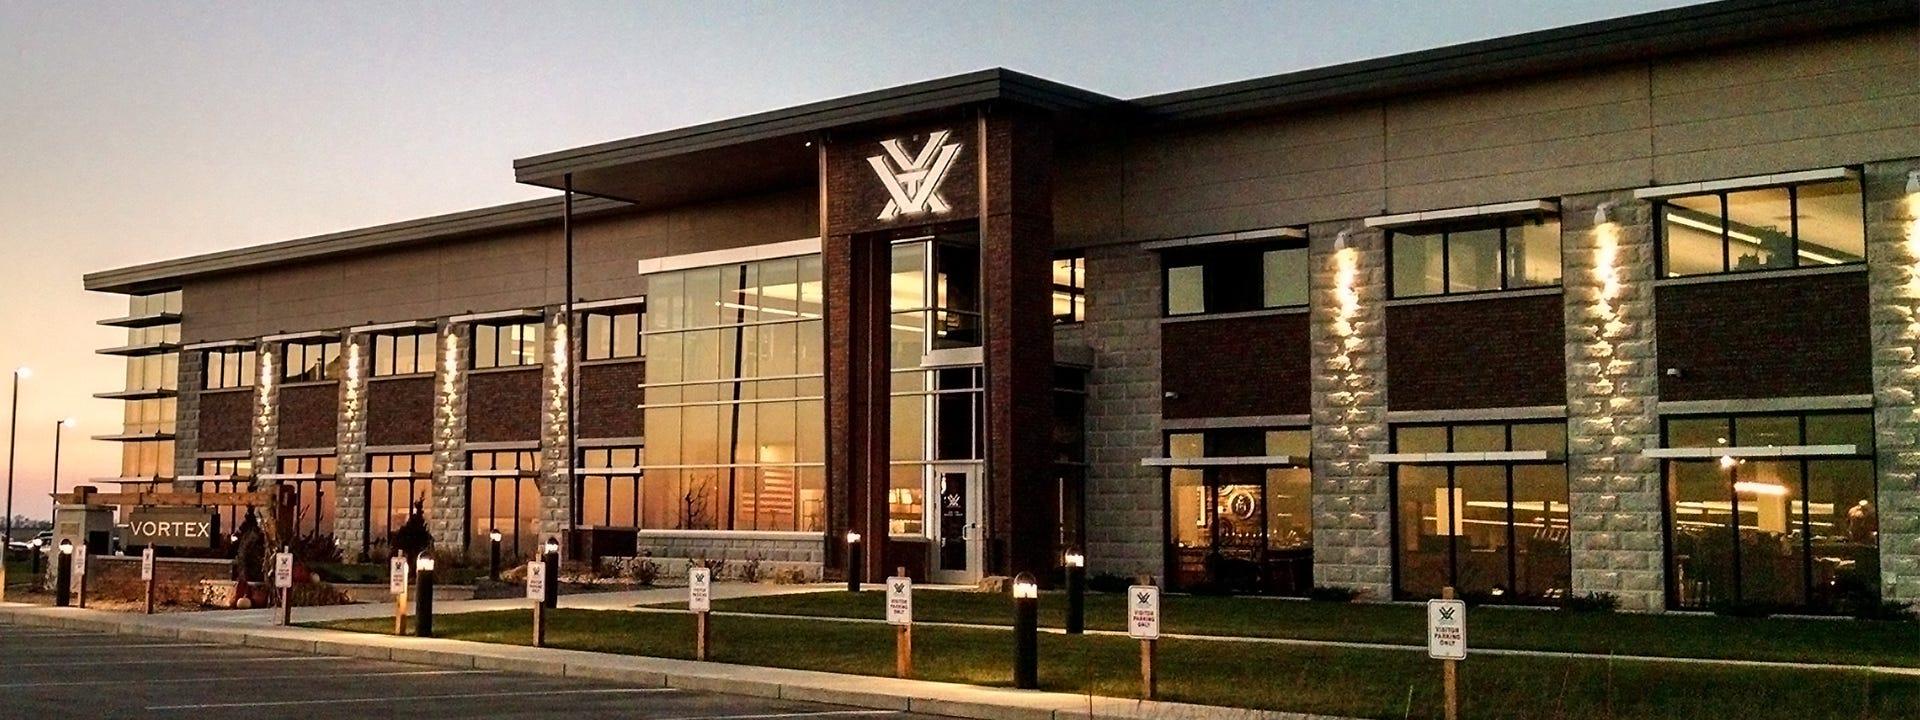 Vortex Optics Building